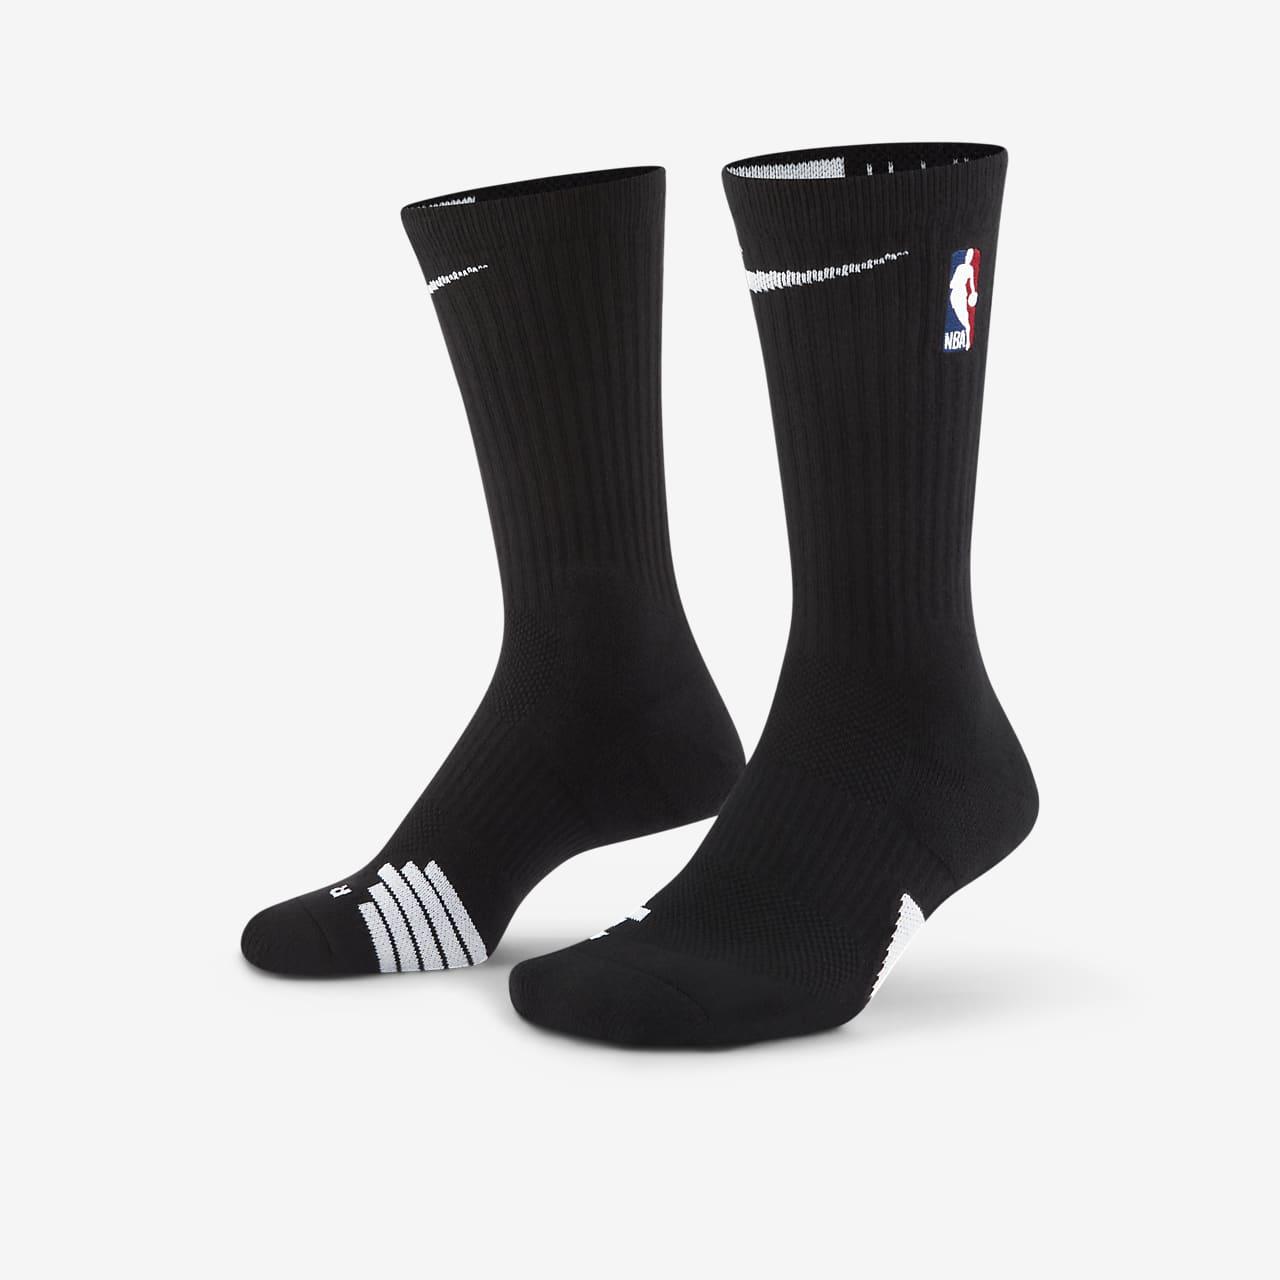 ถุงเท้าบาสเก็ตบอล Nike Elite NBA Crew